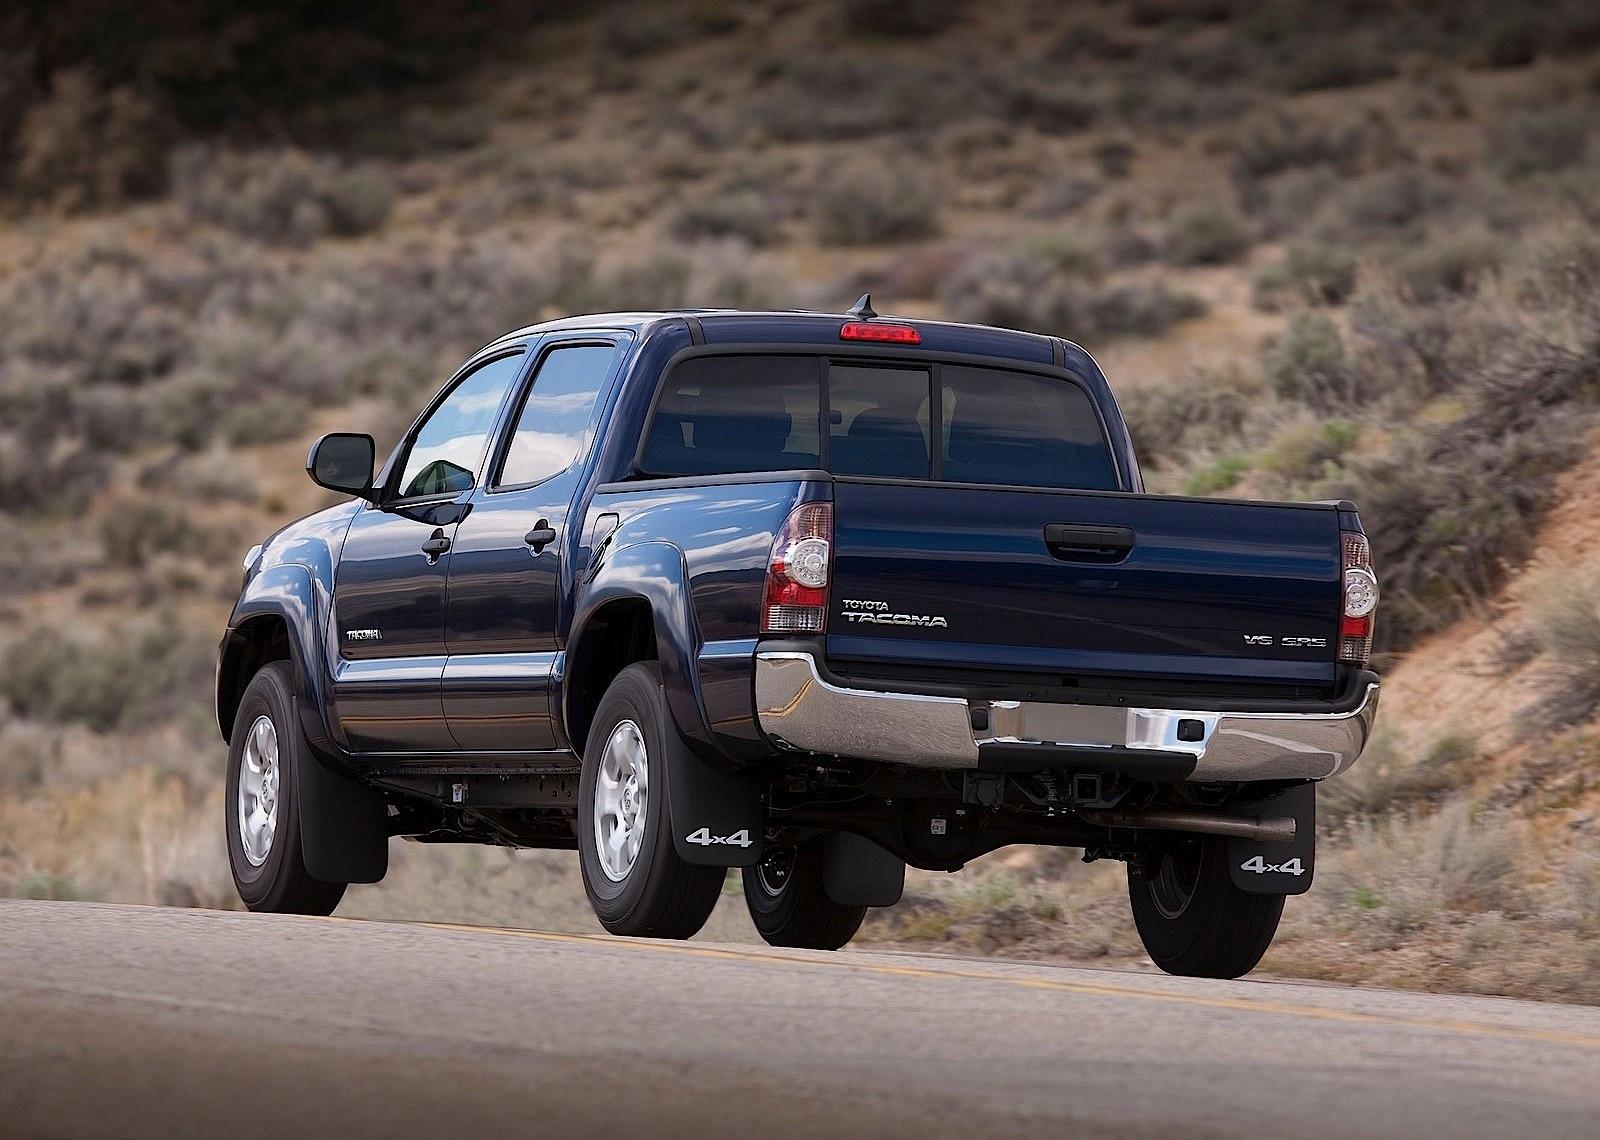 Toyota Tacoma Evolution >> TOYOTA Tacoma Double Cab - 2011, 2012, 2013, 2014, 2015 - autoevolution